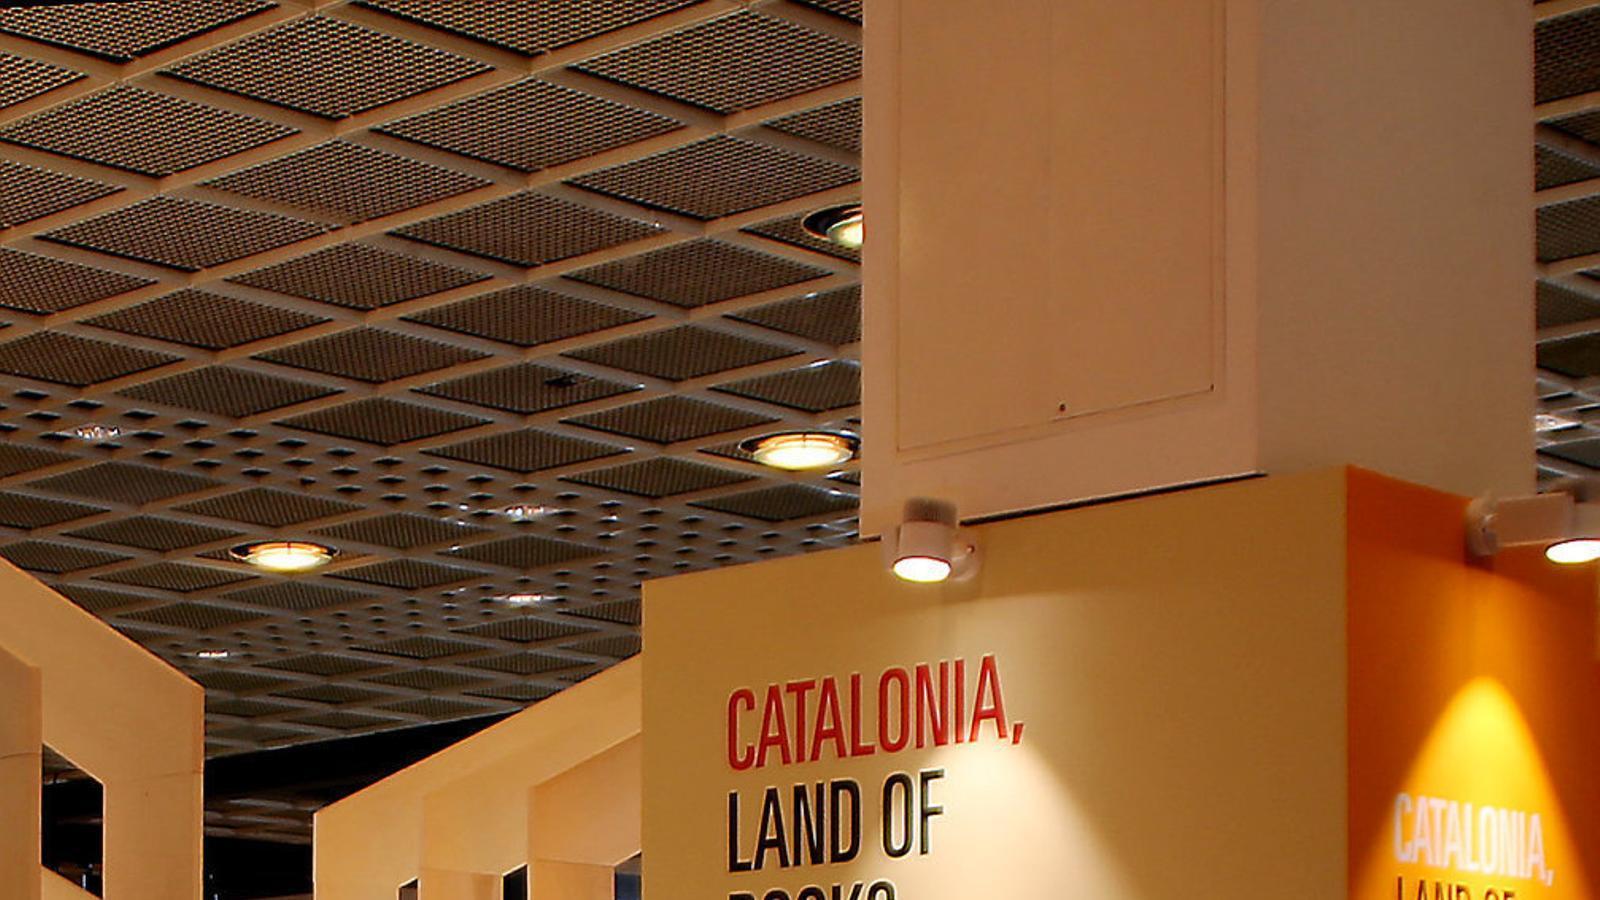 La recerca de nous mercats literaris beneficia el català